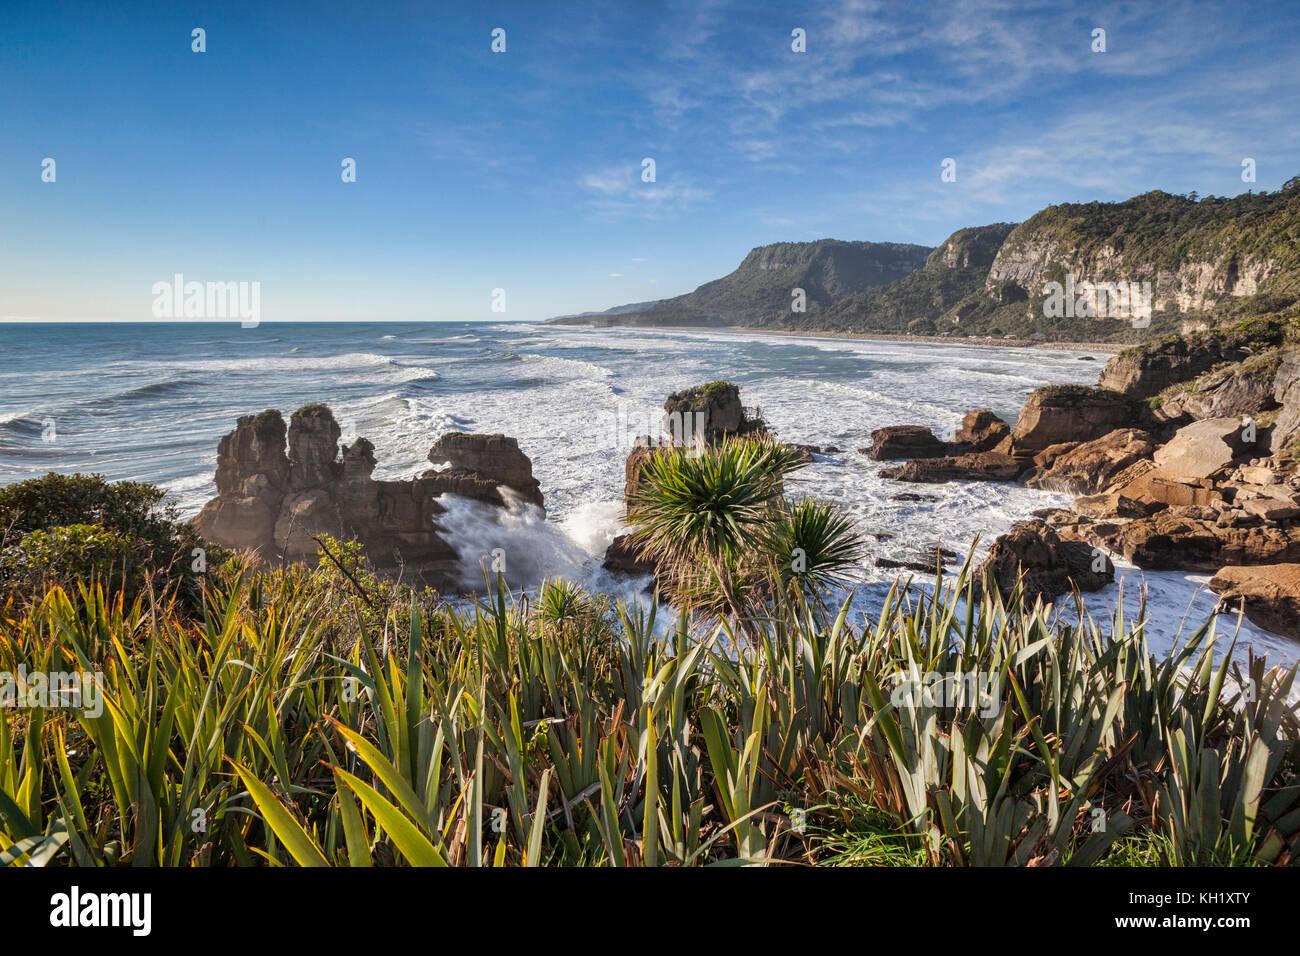 La marée montante sur le rivage rocheux à punakaiki, dans le paparoa national park sur la côte ouest Photo Stock